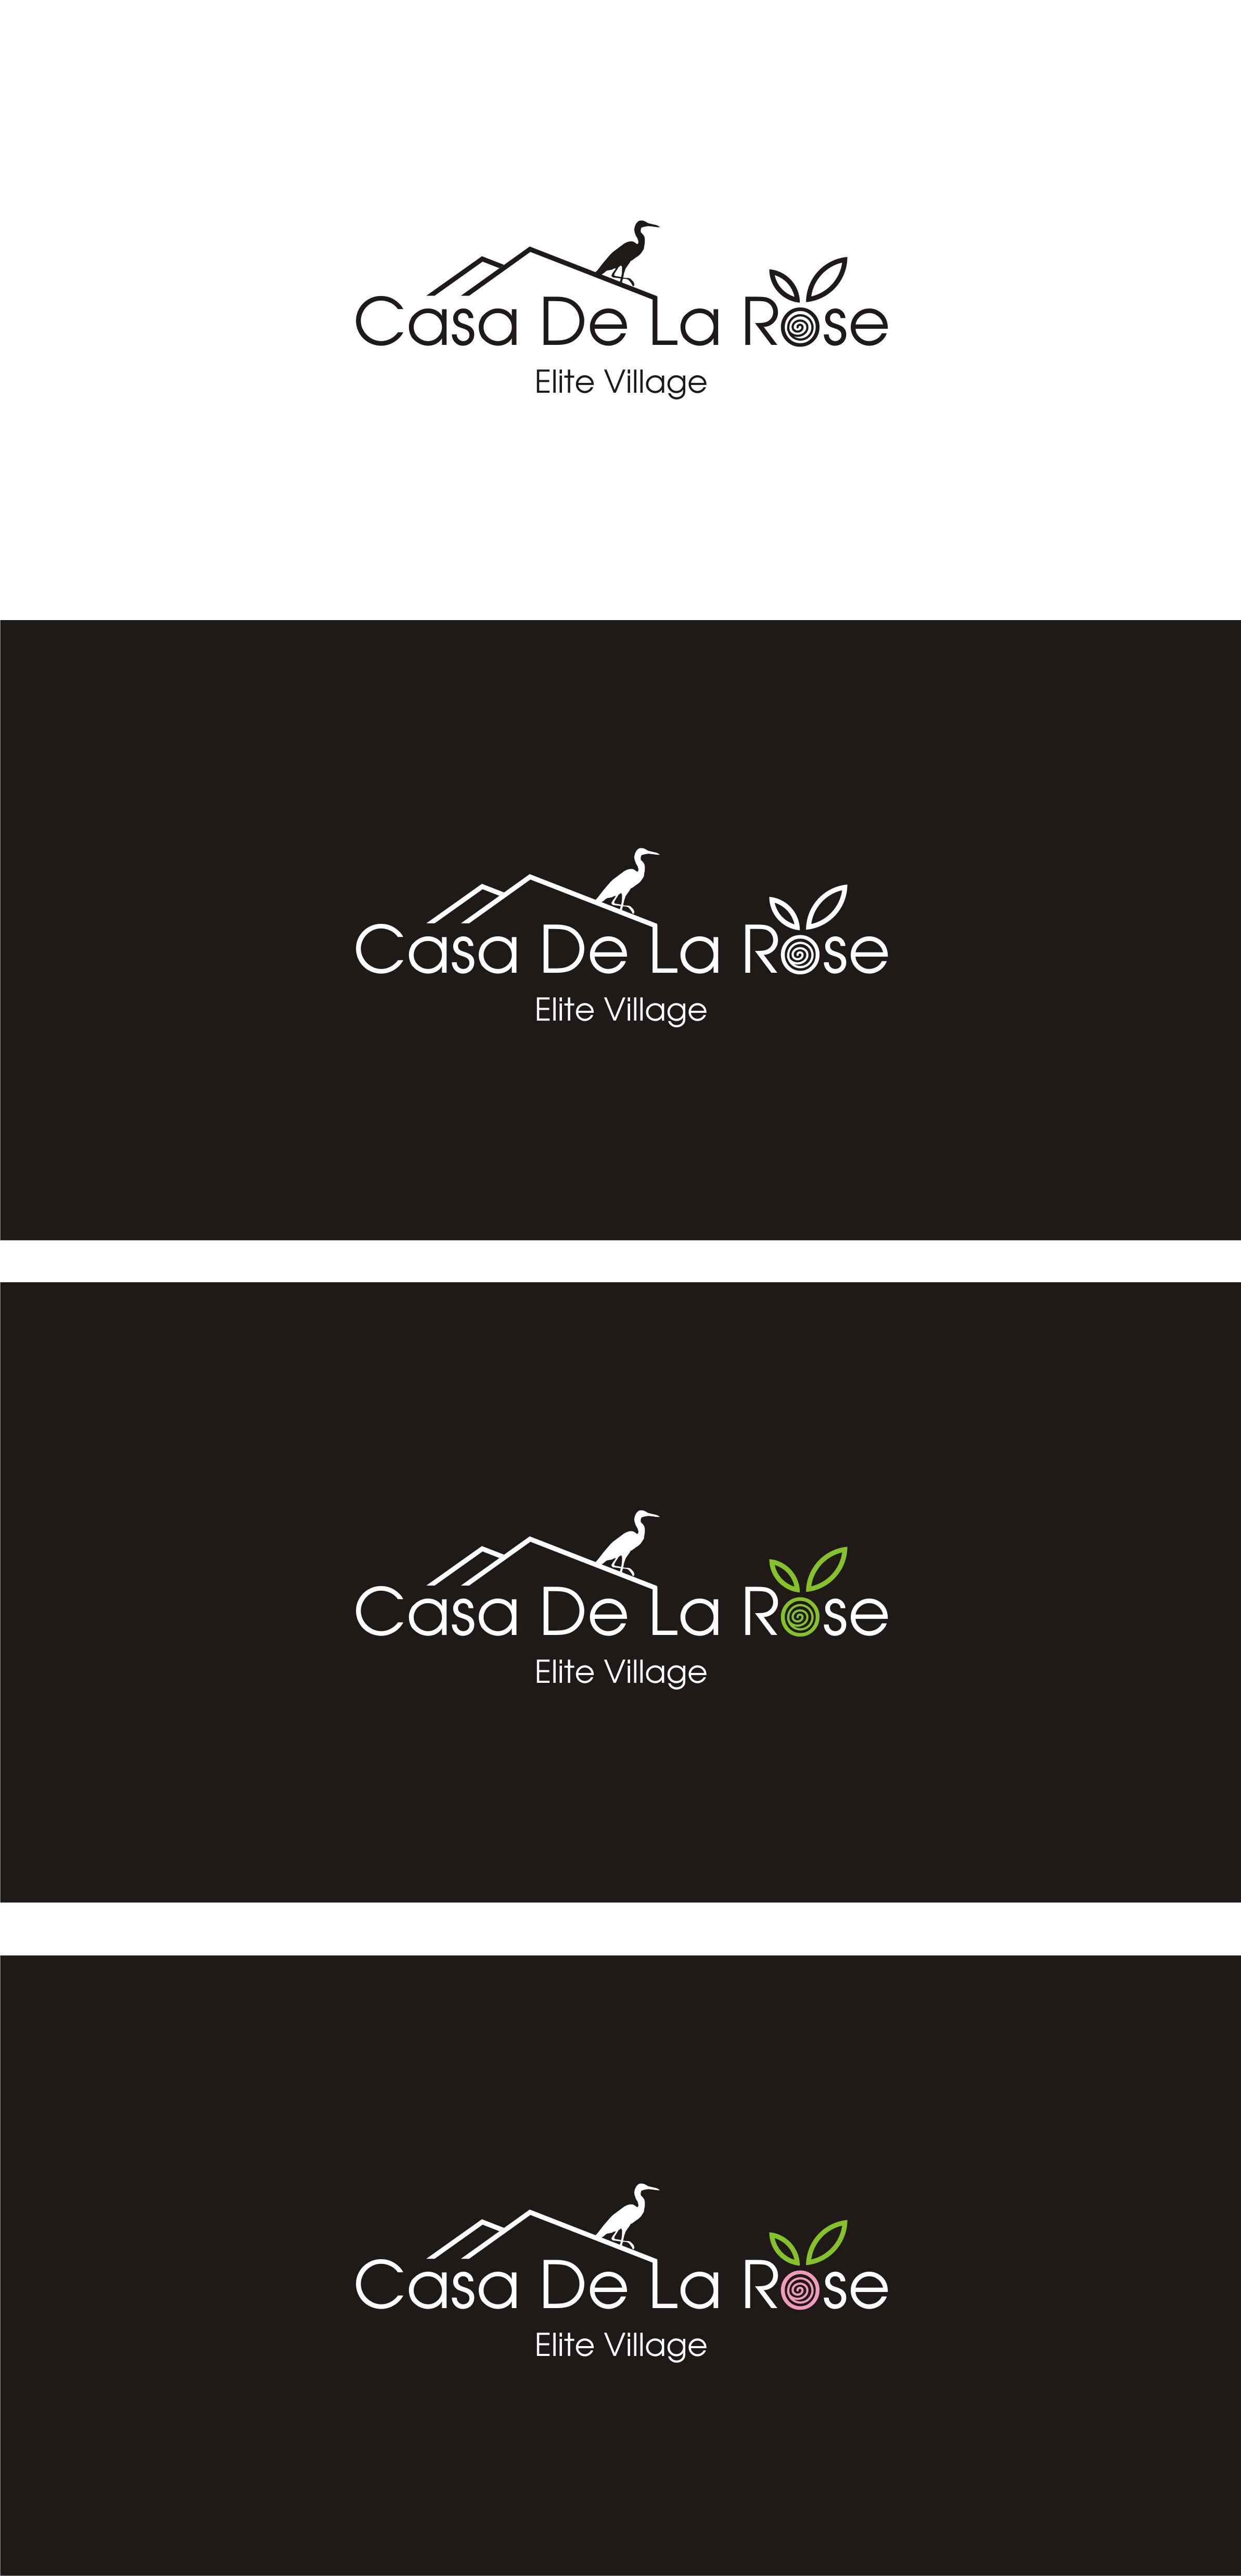 Логотип + Фирменный знак для элитного поселка Casa De La Rosa фото f_7045cd815bb6e702.jpg